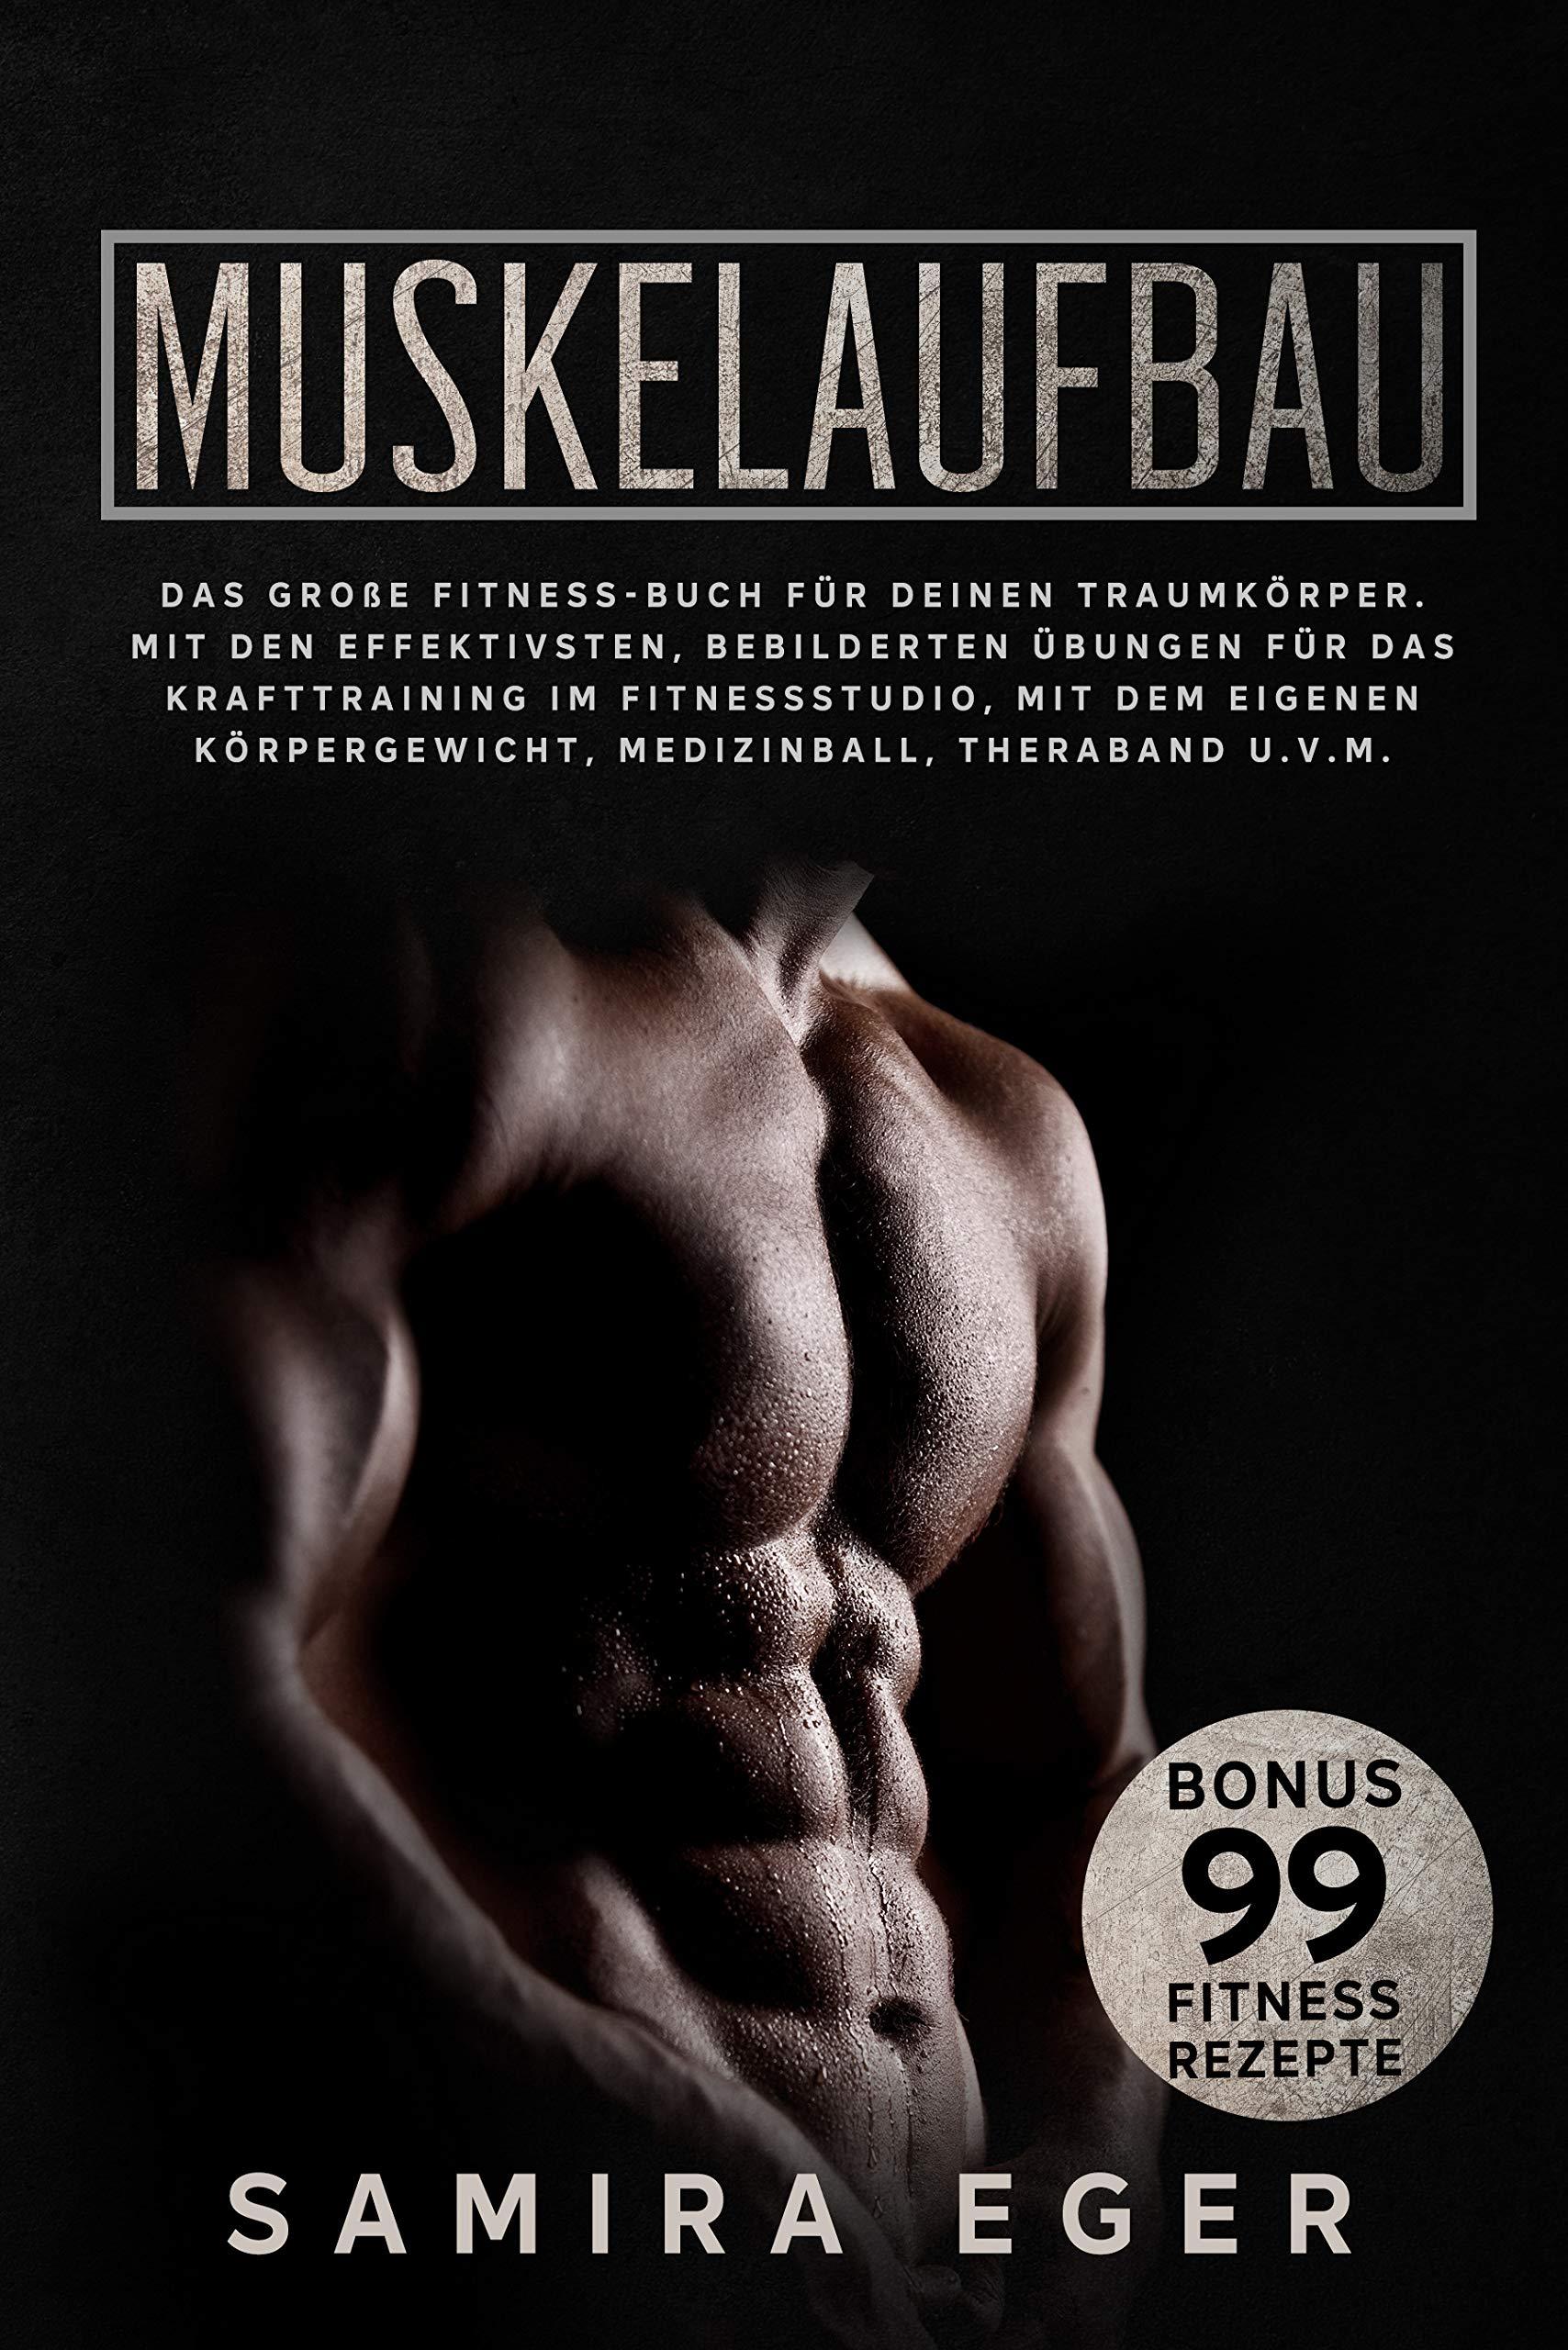 Muskelaufbau: Das große Fitness Buch für deinen Traumkörper. Mit den effektivsten bebilderten Übungen für das Krafttraining! BONUS: 99 geniale Fitness Rezepte